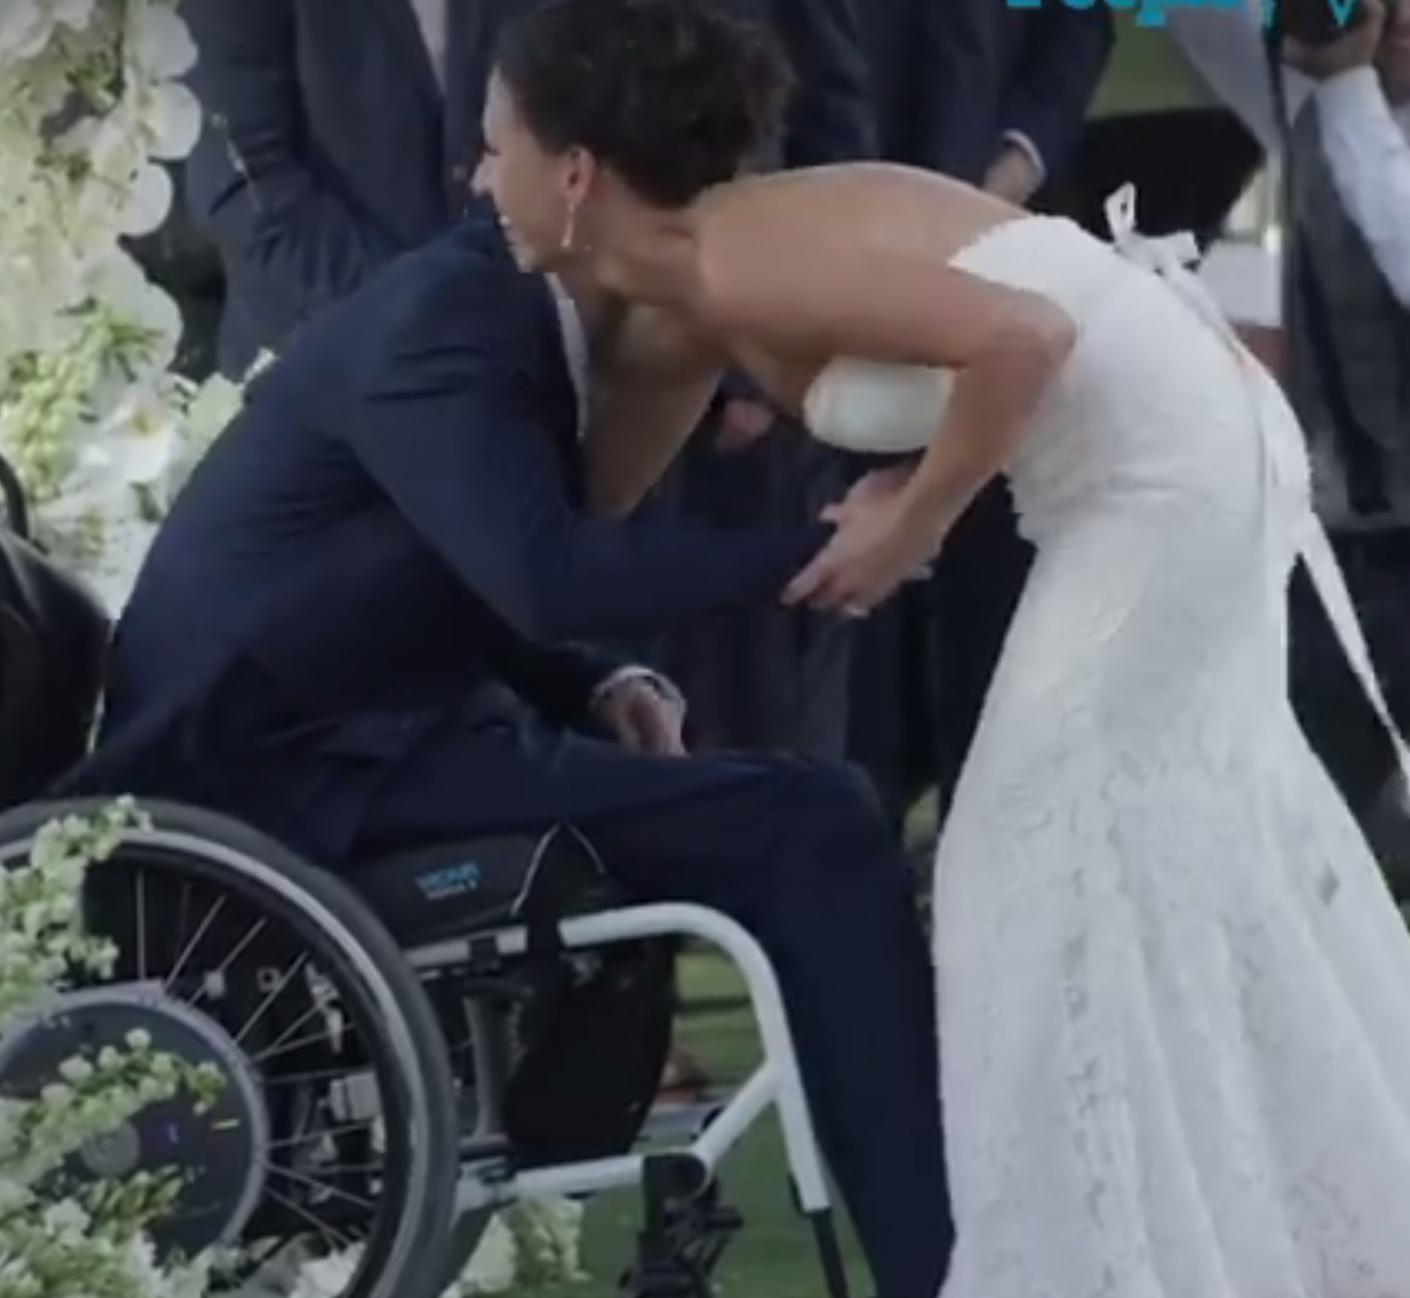 Jovem paraplégico caminha ao lado da noiva no dia do casamento e é impossível não se emocionar 2